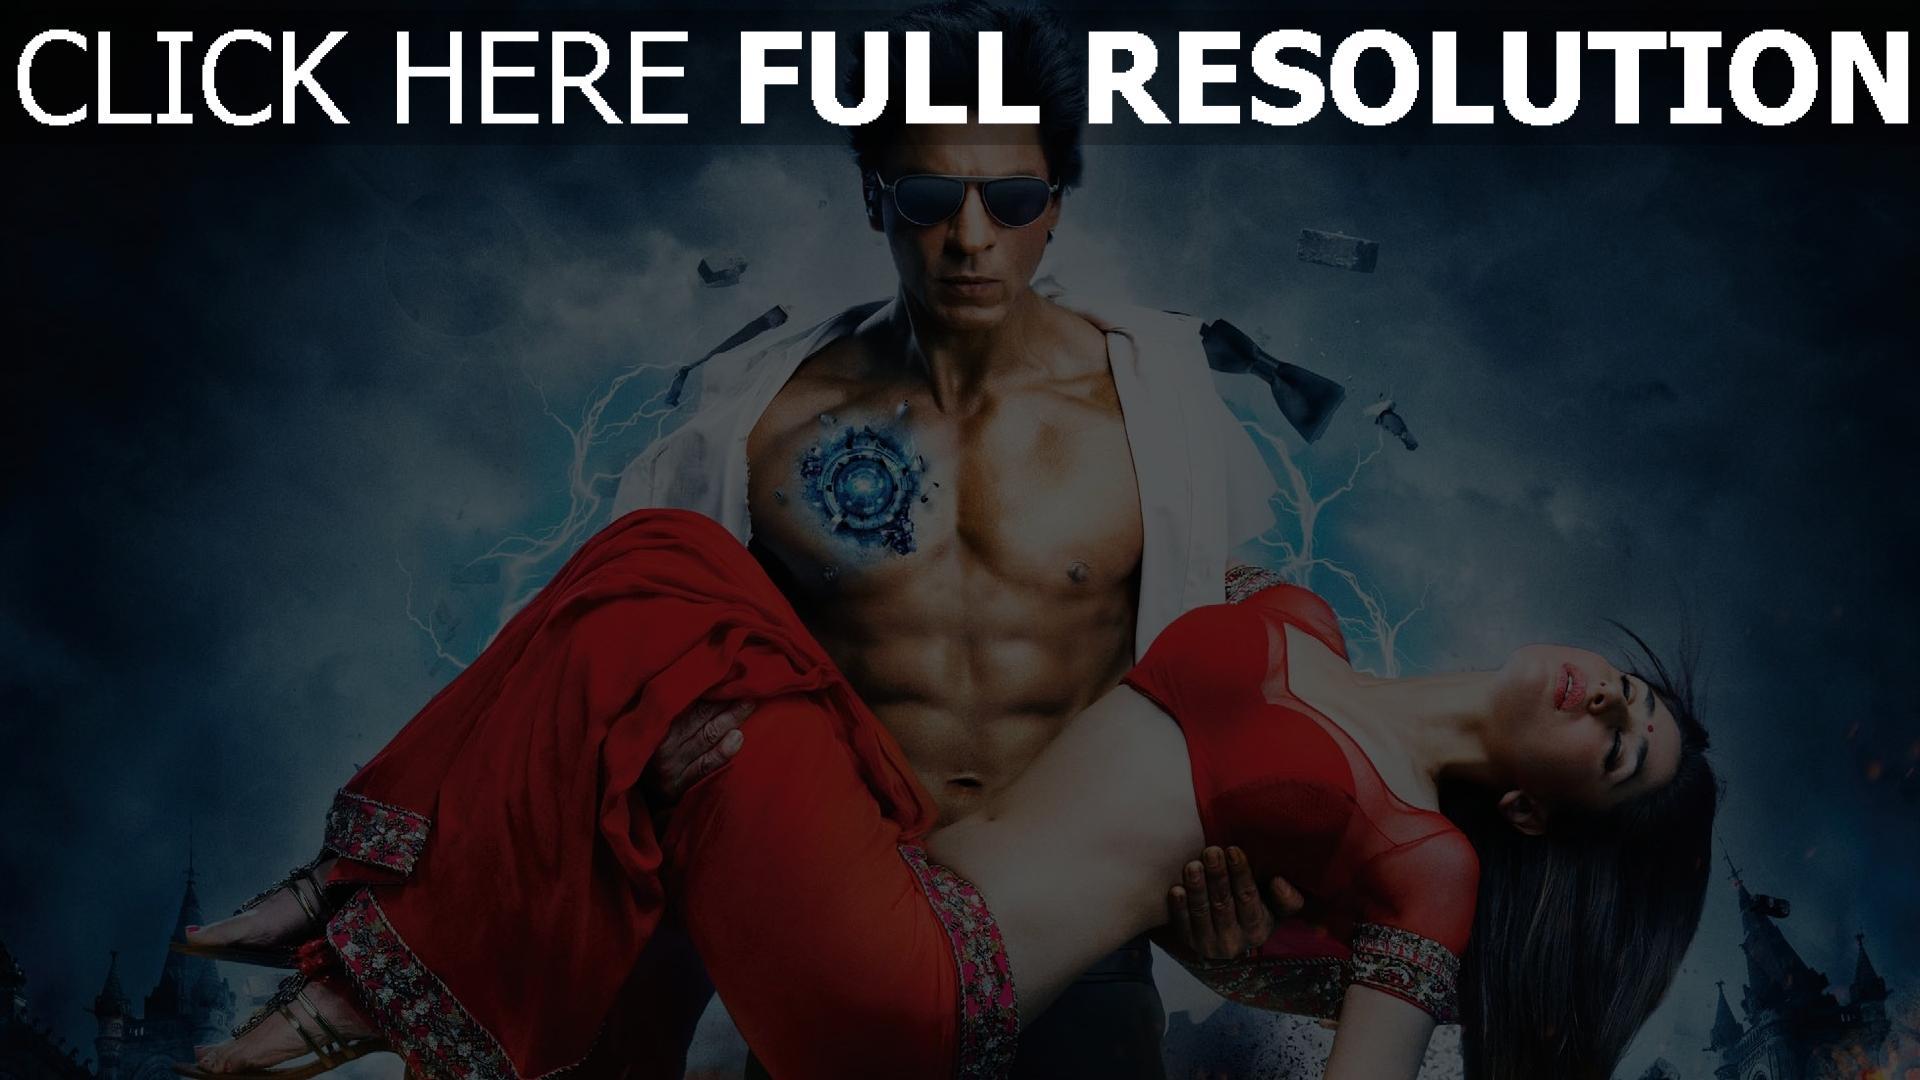 fond d'écran 1920x1080 voltage cyborg shahrukh khan couple kareena kapoor